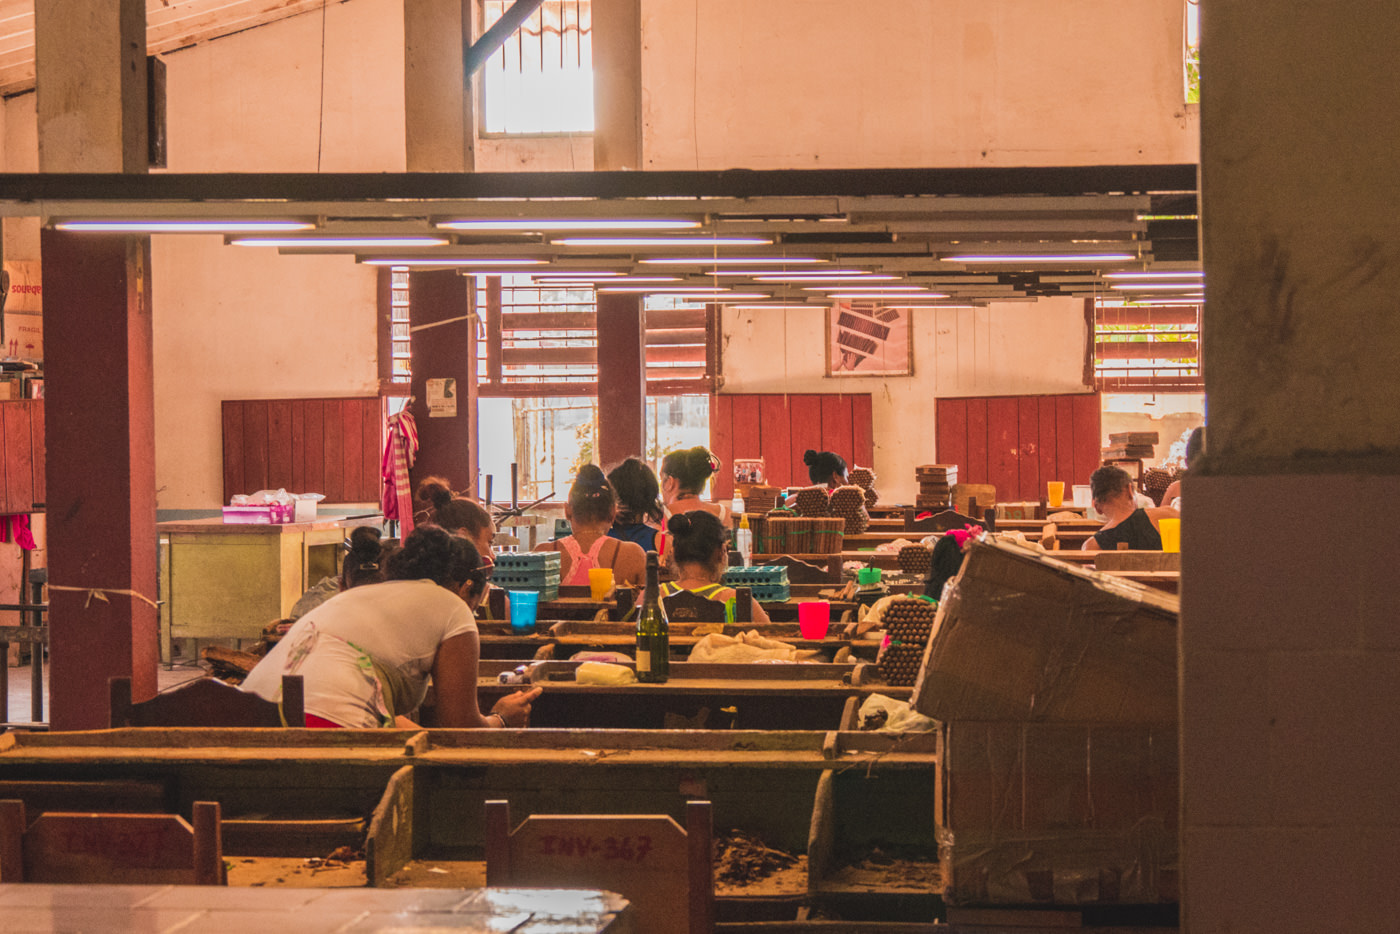 Einblick in eine Zigarrenfabrik in Trinidad